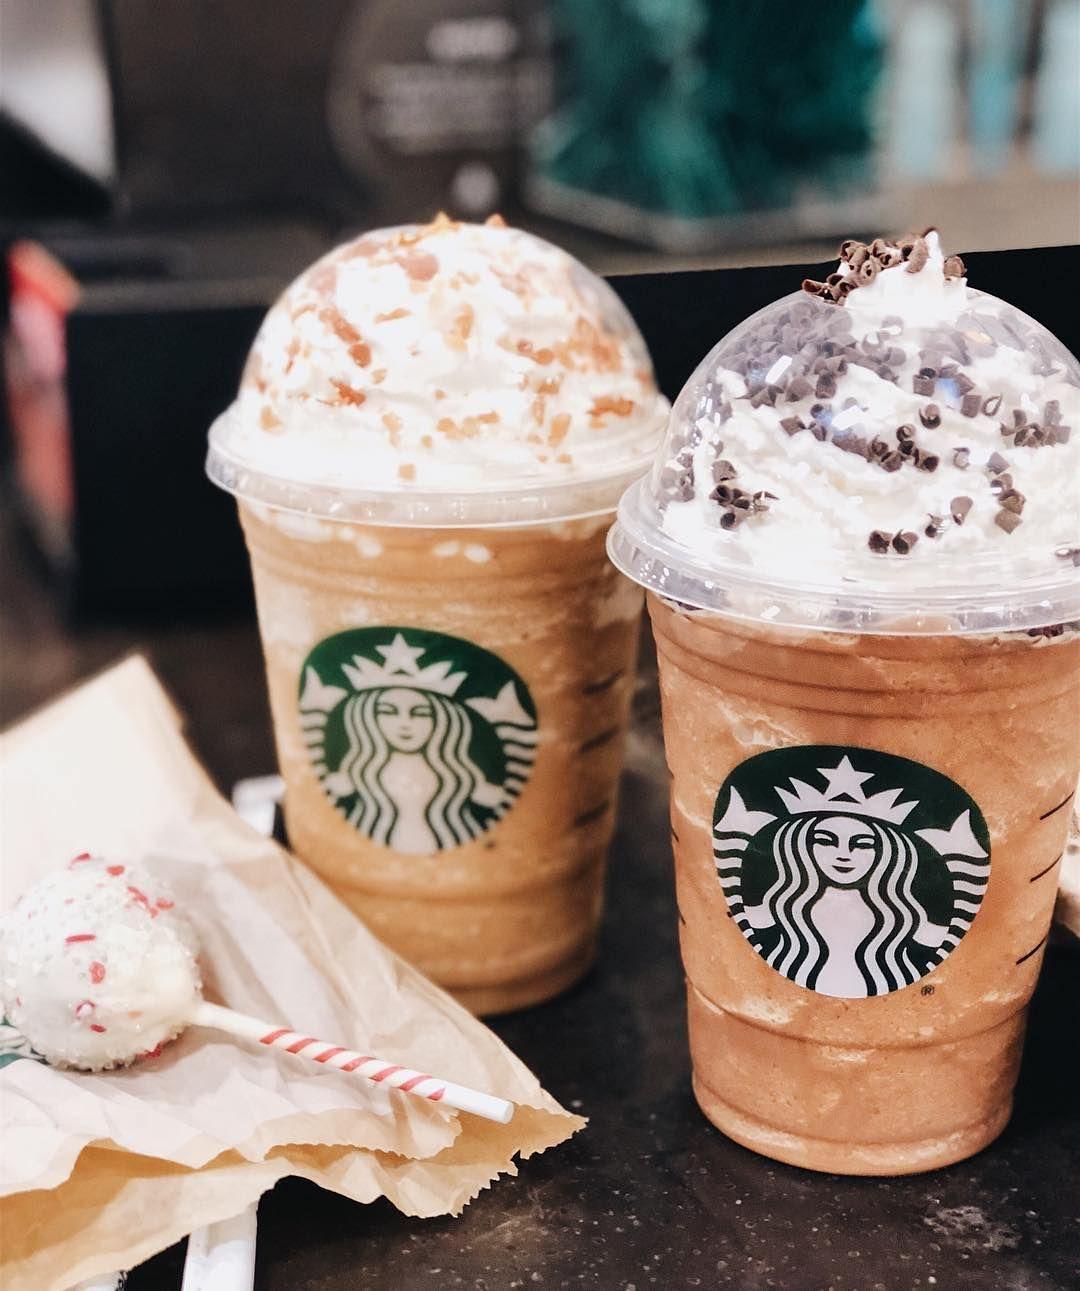 全马Starbucks分行推出超级促销!大杯Starbucks 饮料只需要RM12!